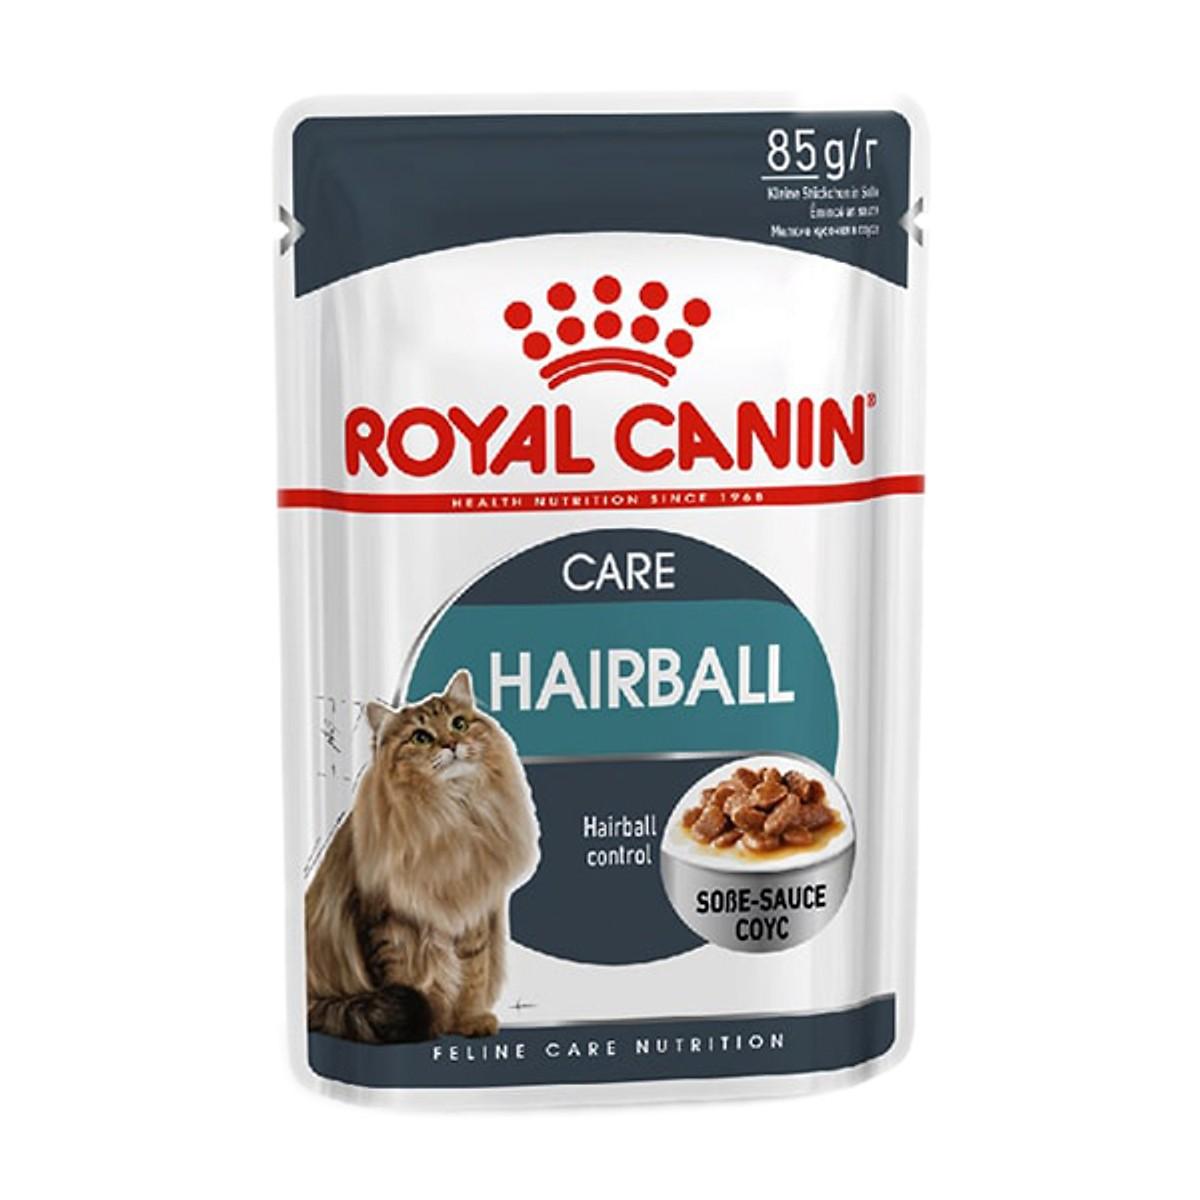 Pate ROYAL CANIN HAIRBALL cho Mèo 85g (12 gói)